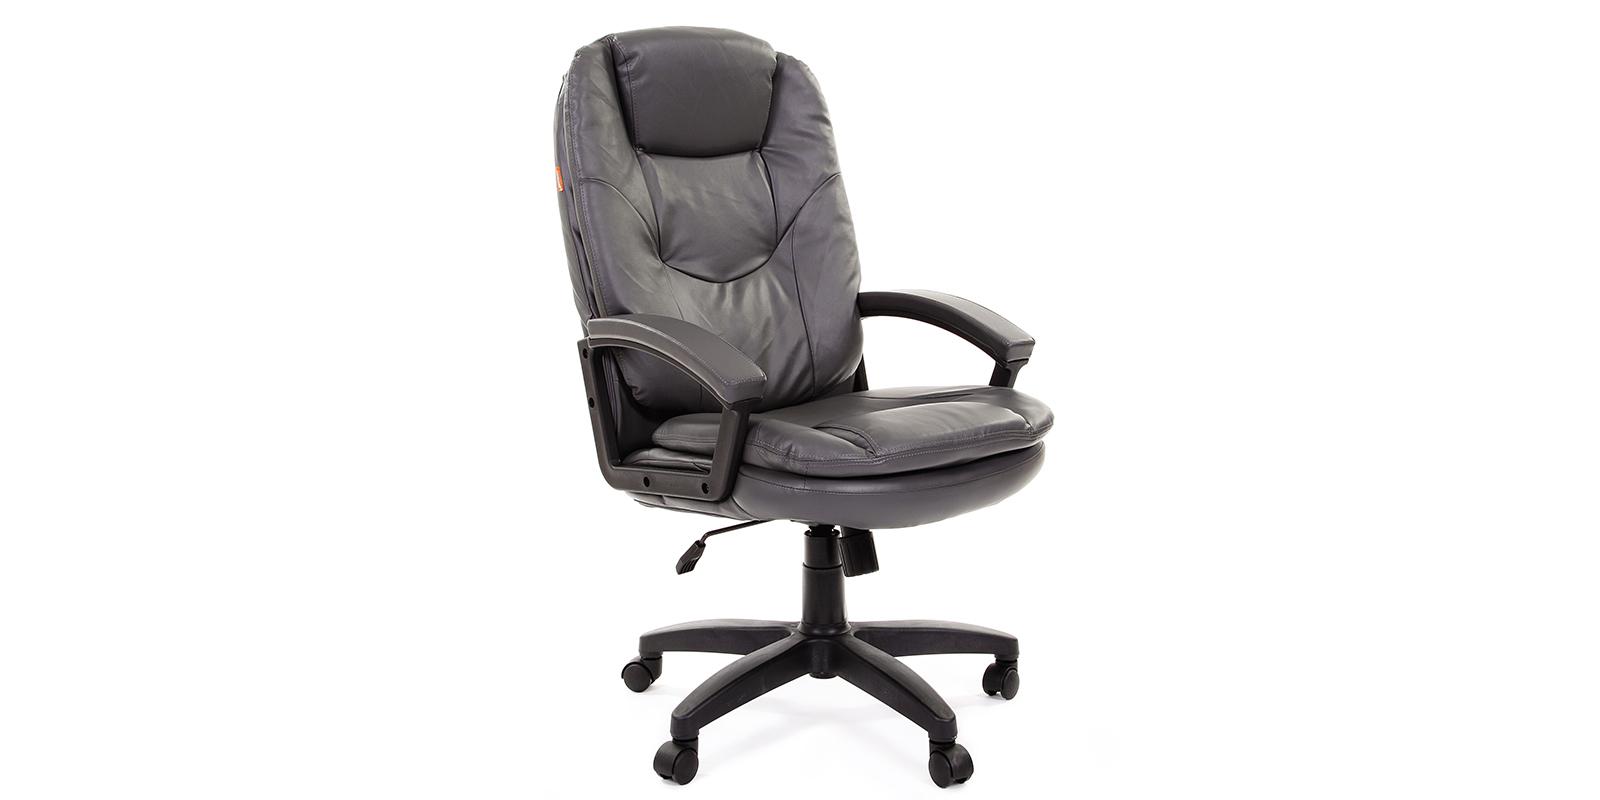 Кресло руководителя HomeMe Chairman 668 LT от Homeme.ru